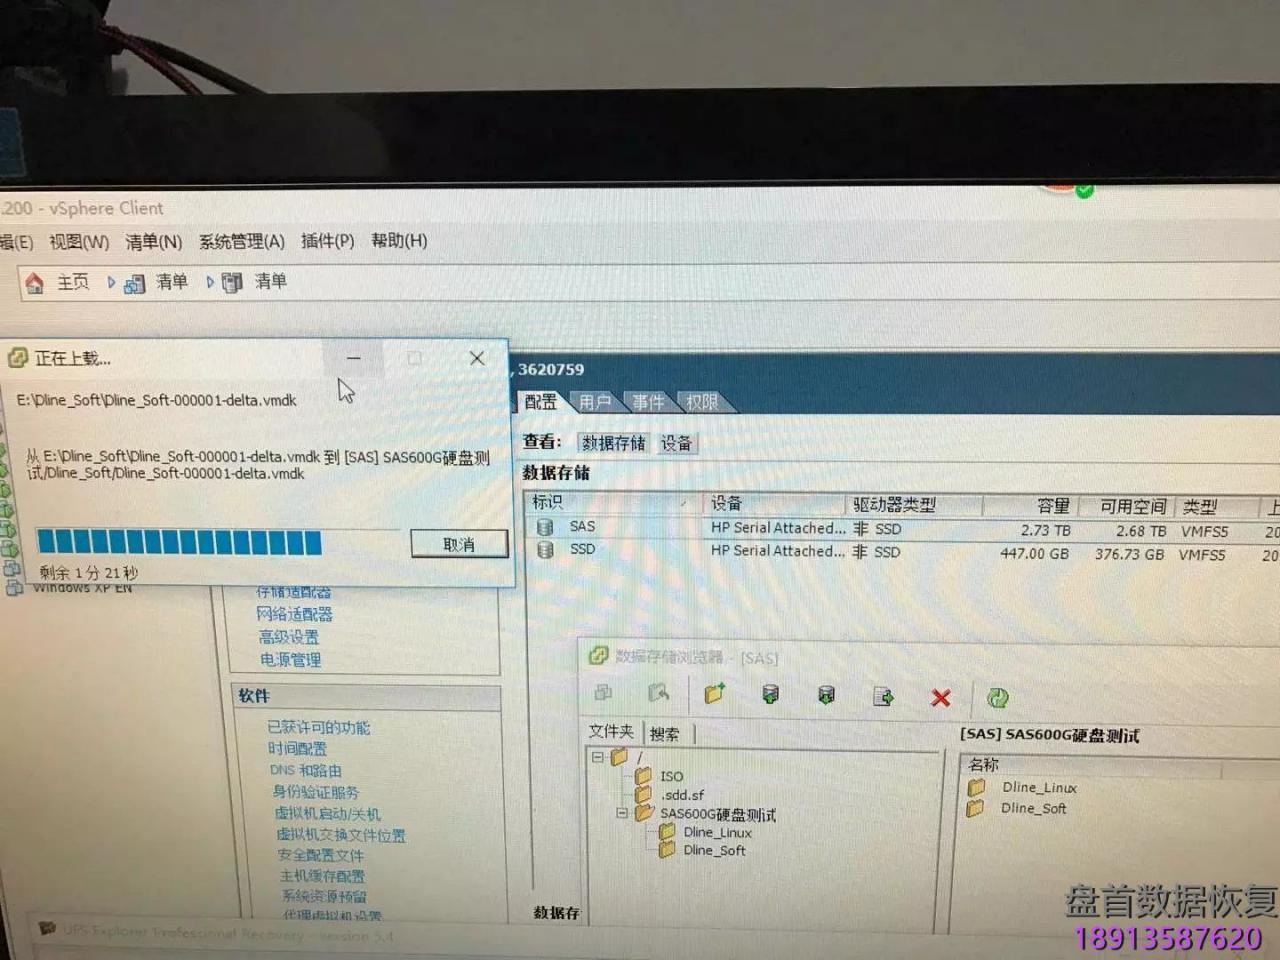 Vmware ESXI 5.5单盘服务器希捷SAS600G磁头损坏数据恢复成功